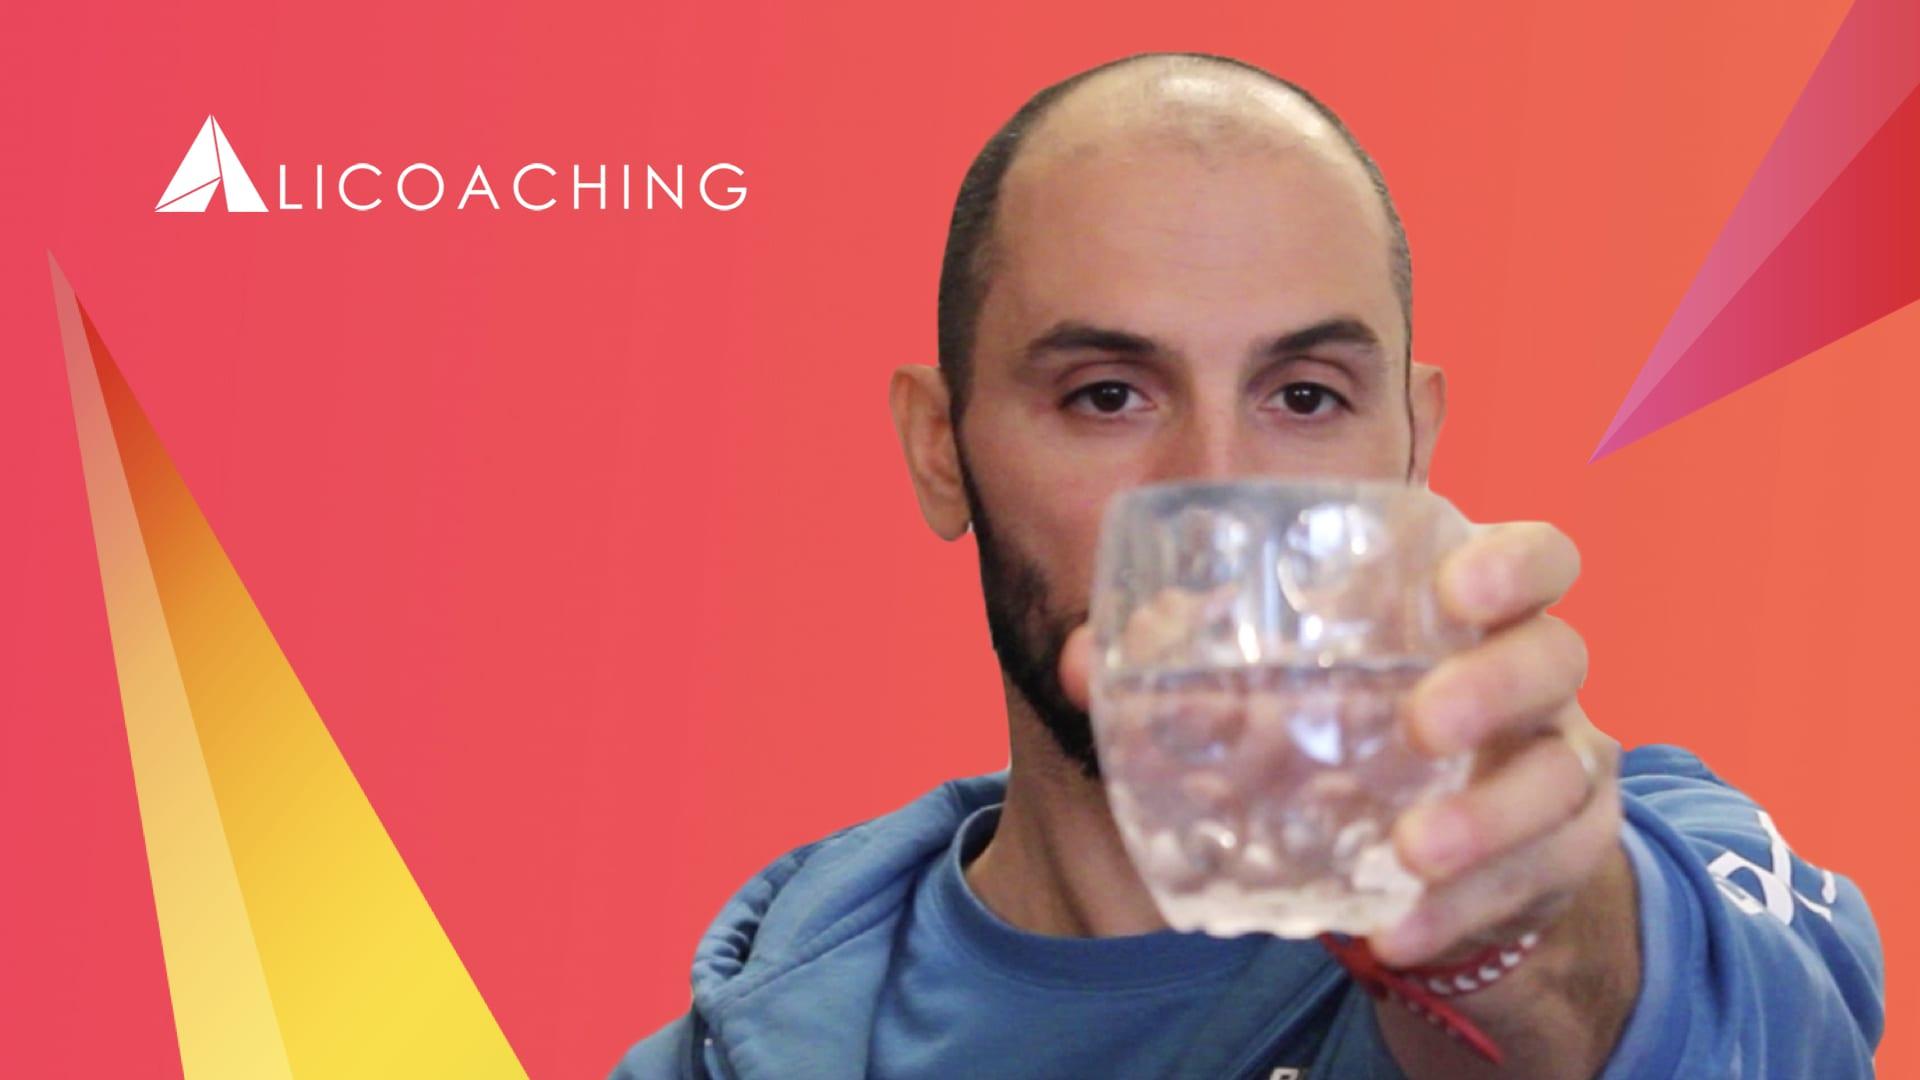 Concentrazione: 3 tecniche per allenarla